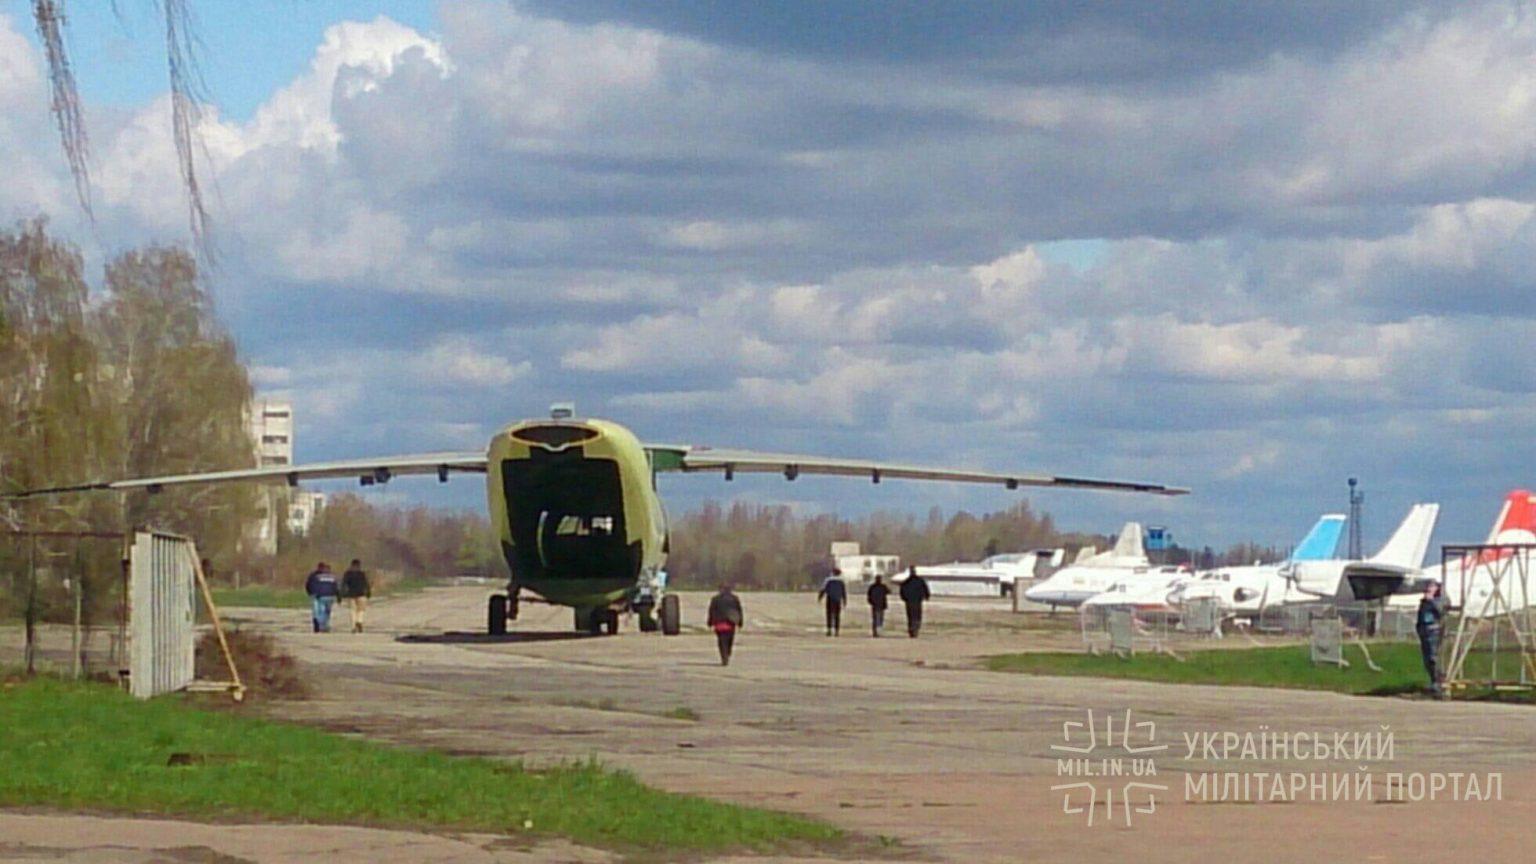 Litak-An-178-z-serijnym-nomerom-006-1536x864.jpg